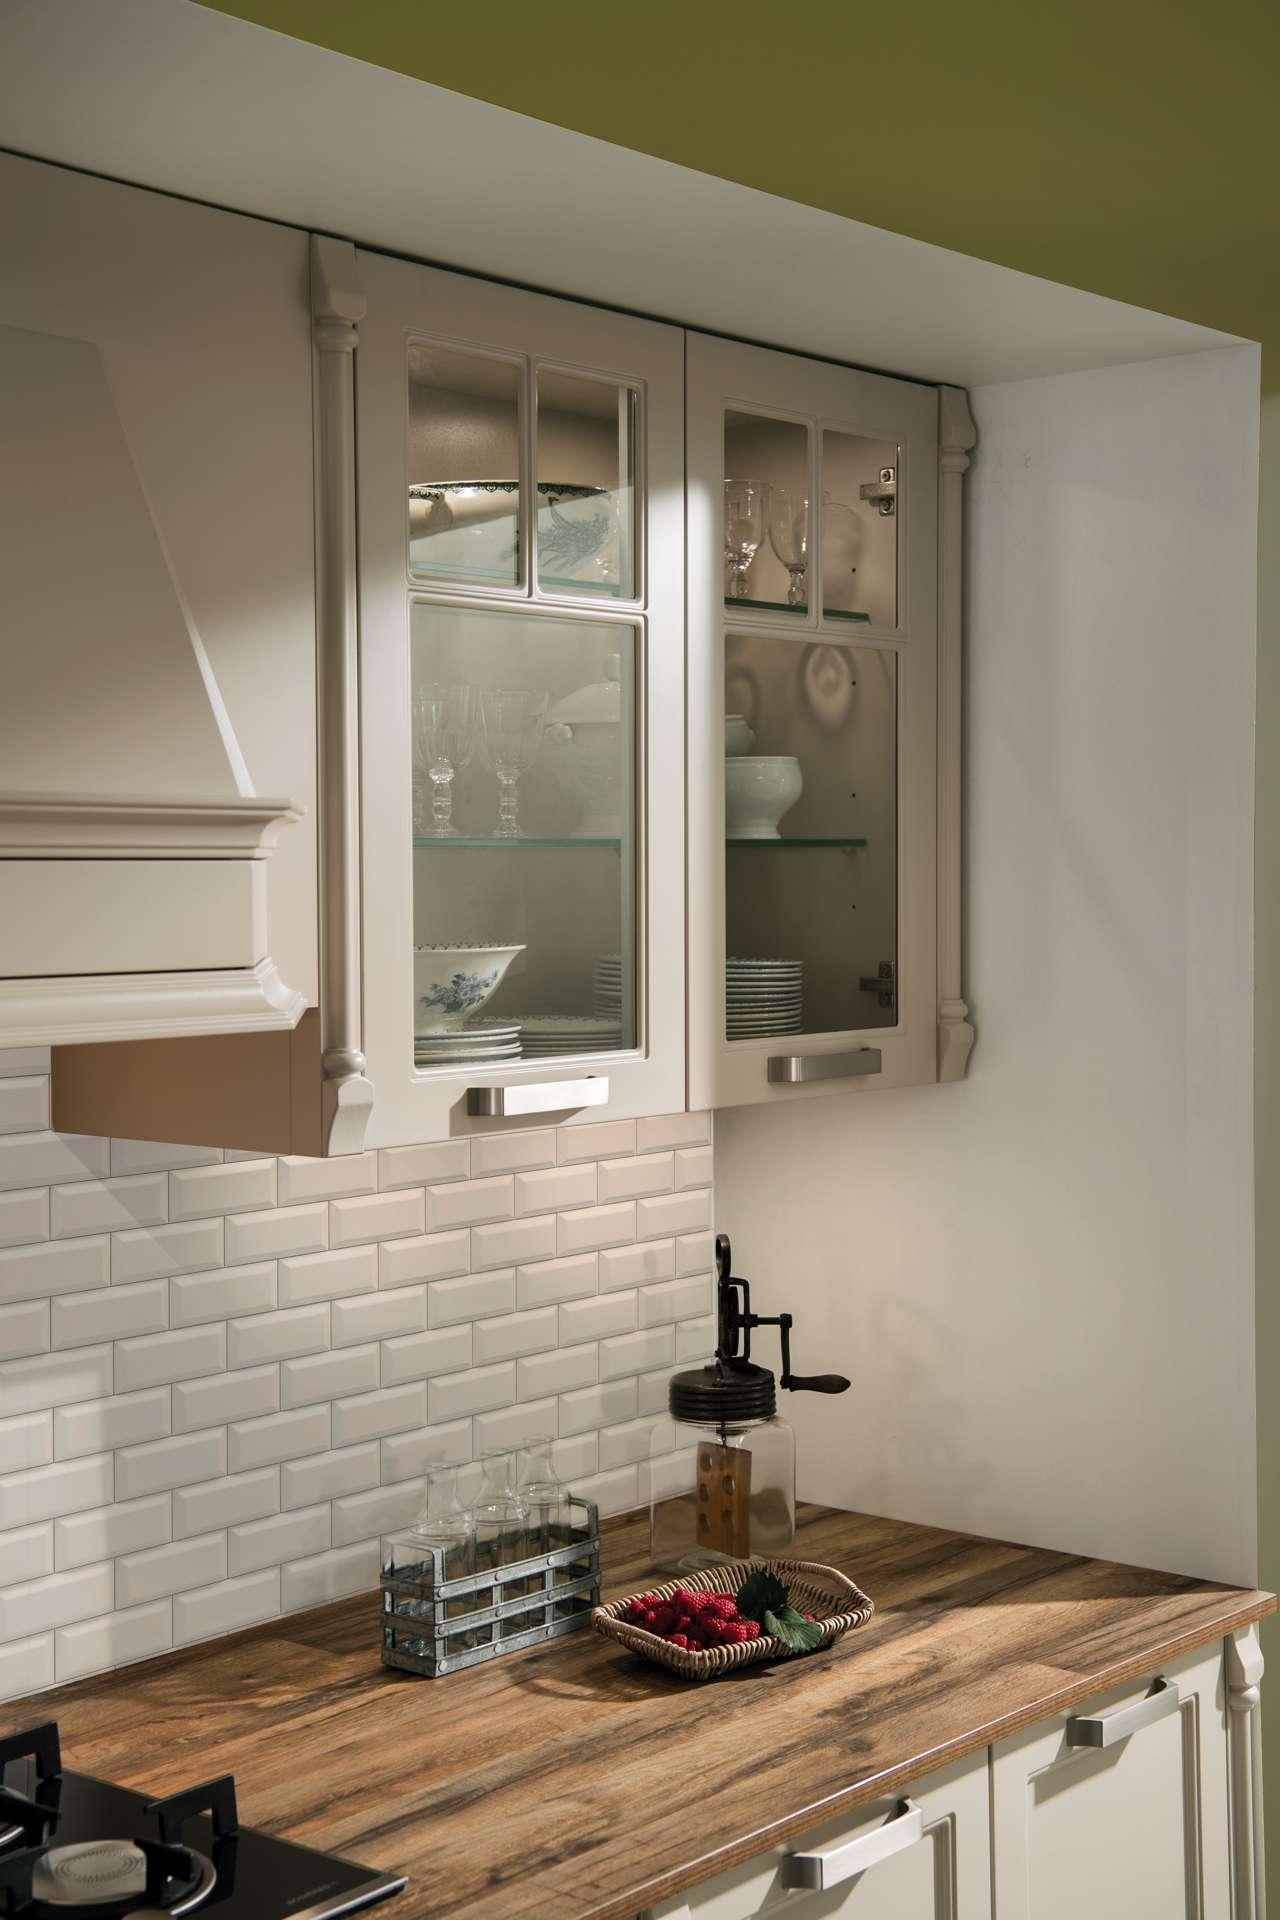 moderne nostalgie k chen journal. Black Bedroom Furniture Sets. Home Design Ideas